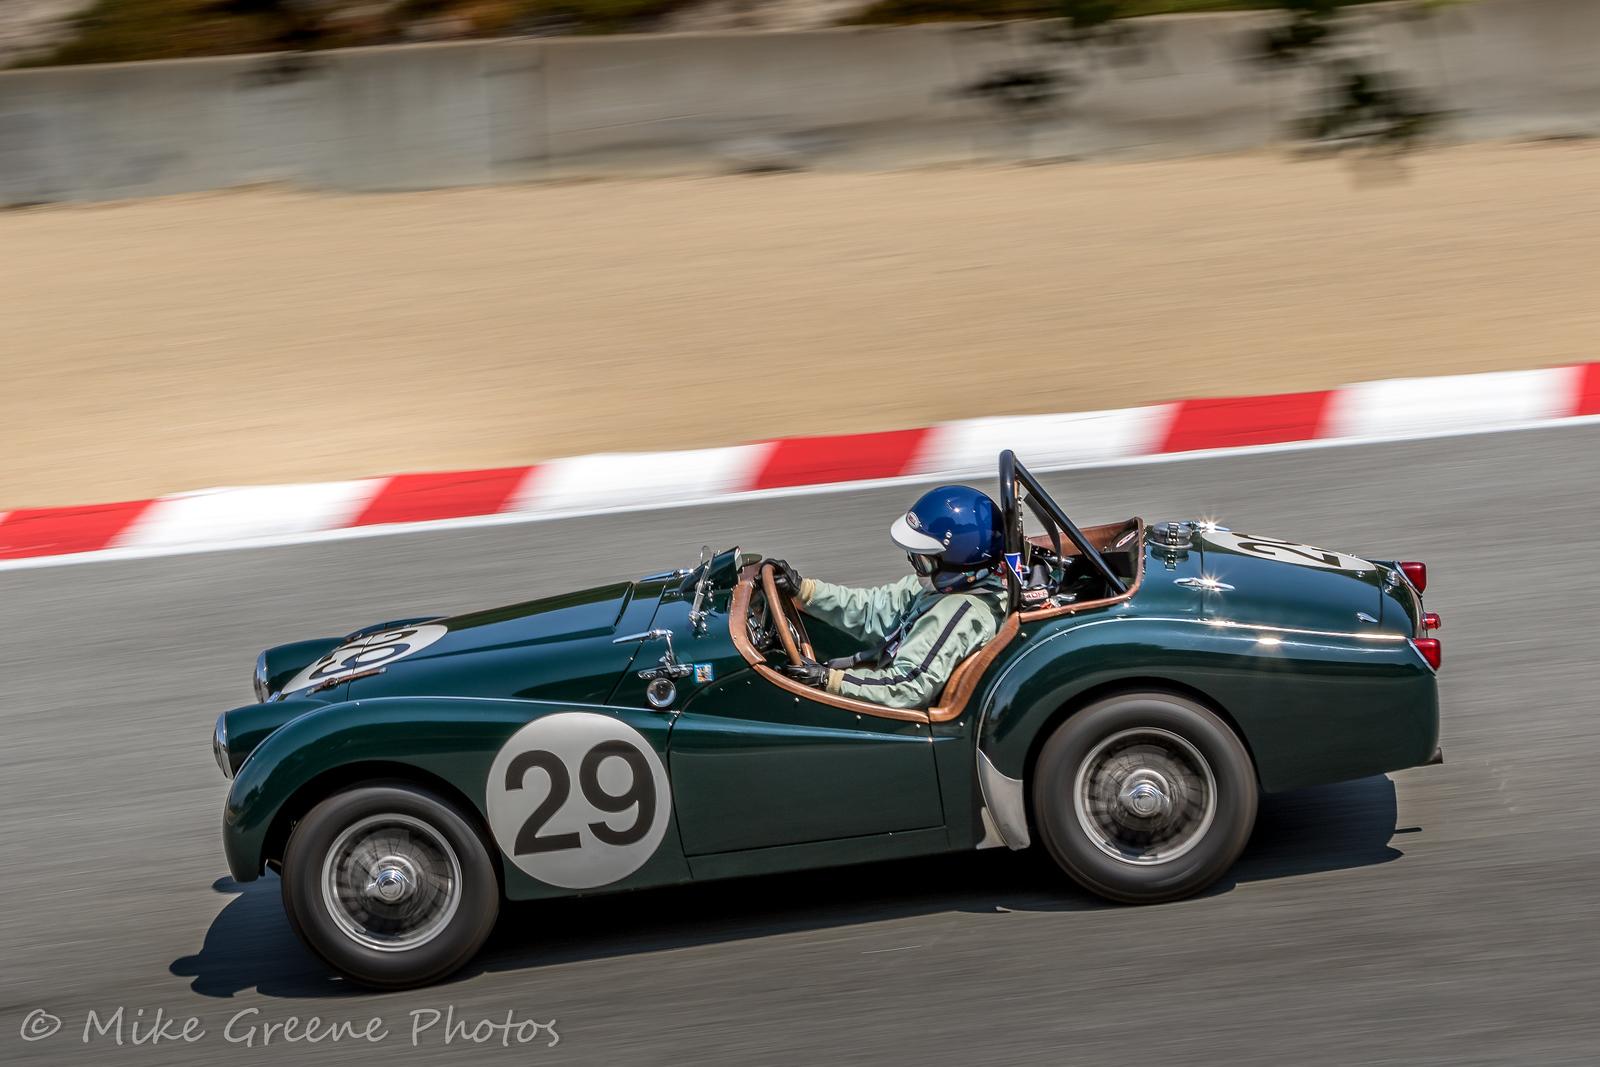 IMAGE: https://photos.smugmug.com/Events-Automotive/2021-Laguna-Seca-Monterey-Rolex-Motorsports-Reunion/i-mwxBk6J/0/c142e269/X3/9C4A7535-X3.jpg